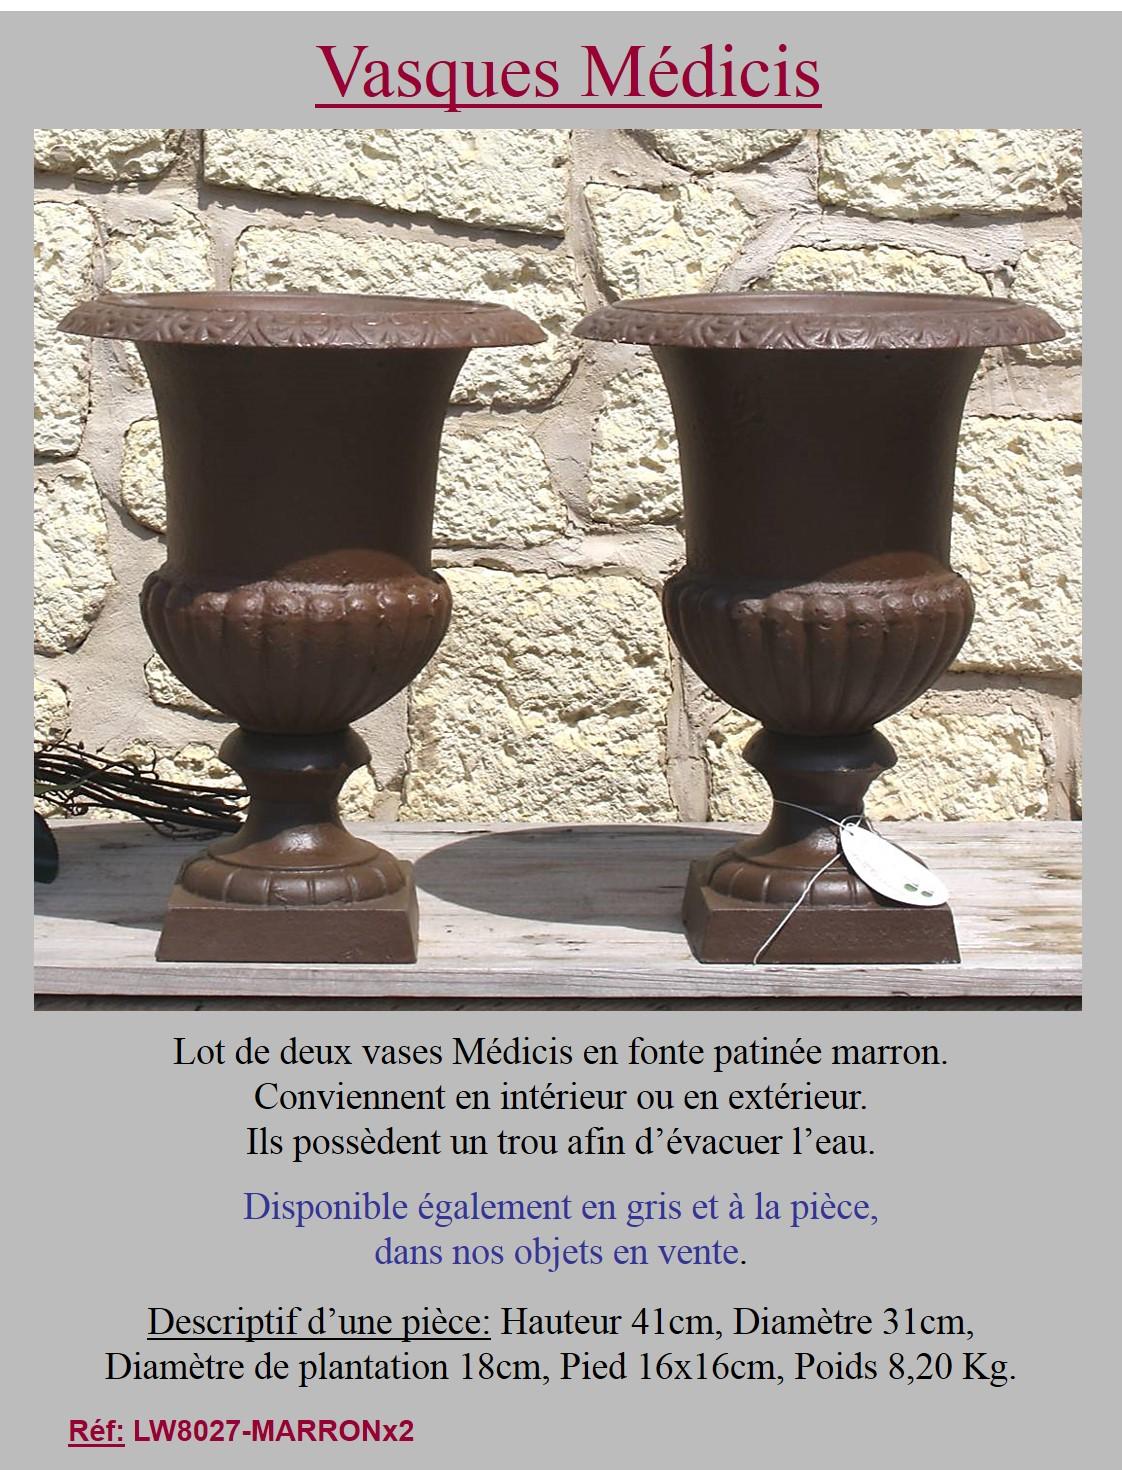 2 jardiniere bac pot vasque medicis en fonte de jardin portail porte marron 41cm for Jardiniere vasque jardin